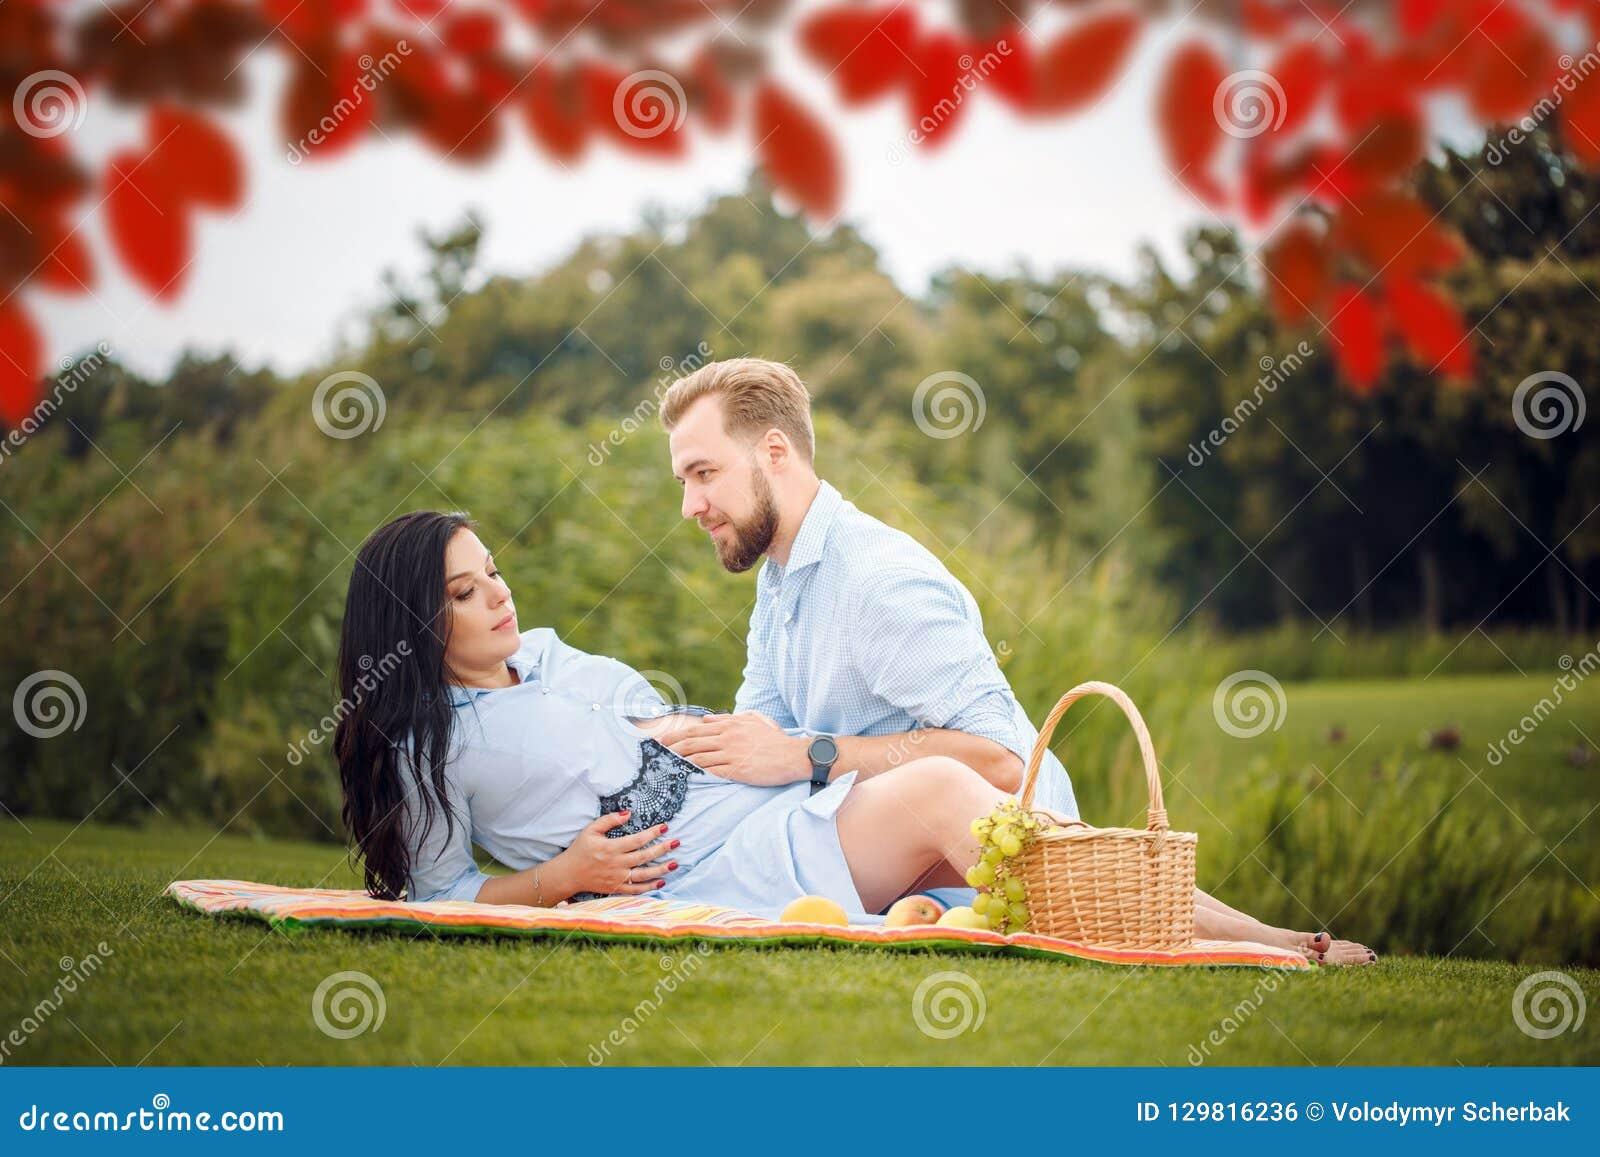 年轻夫妇有野餐在城市公园,妇女期待一个婴孩